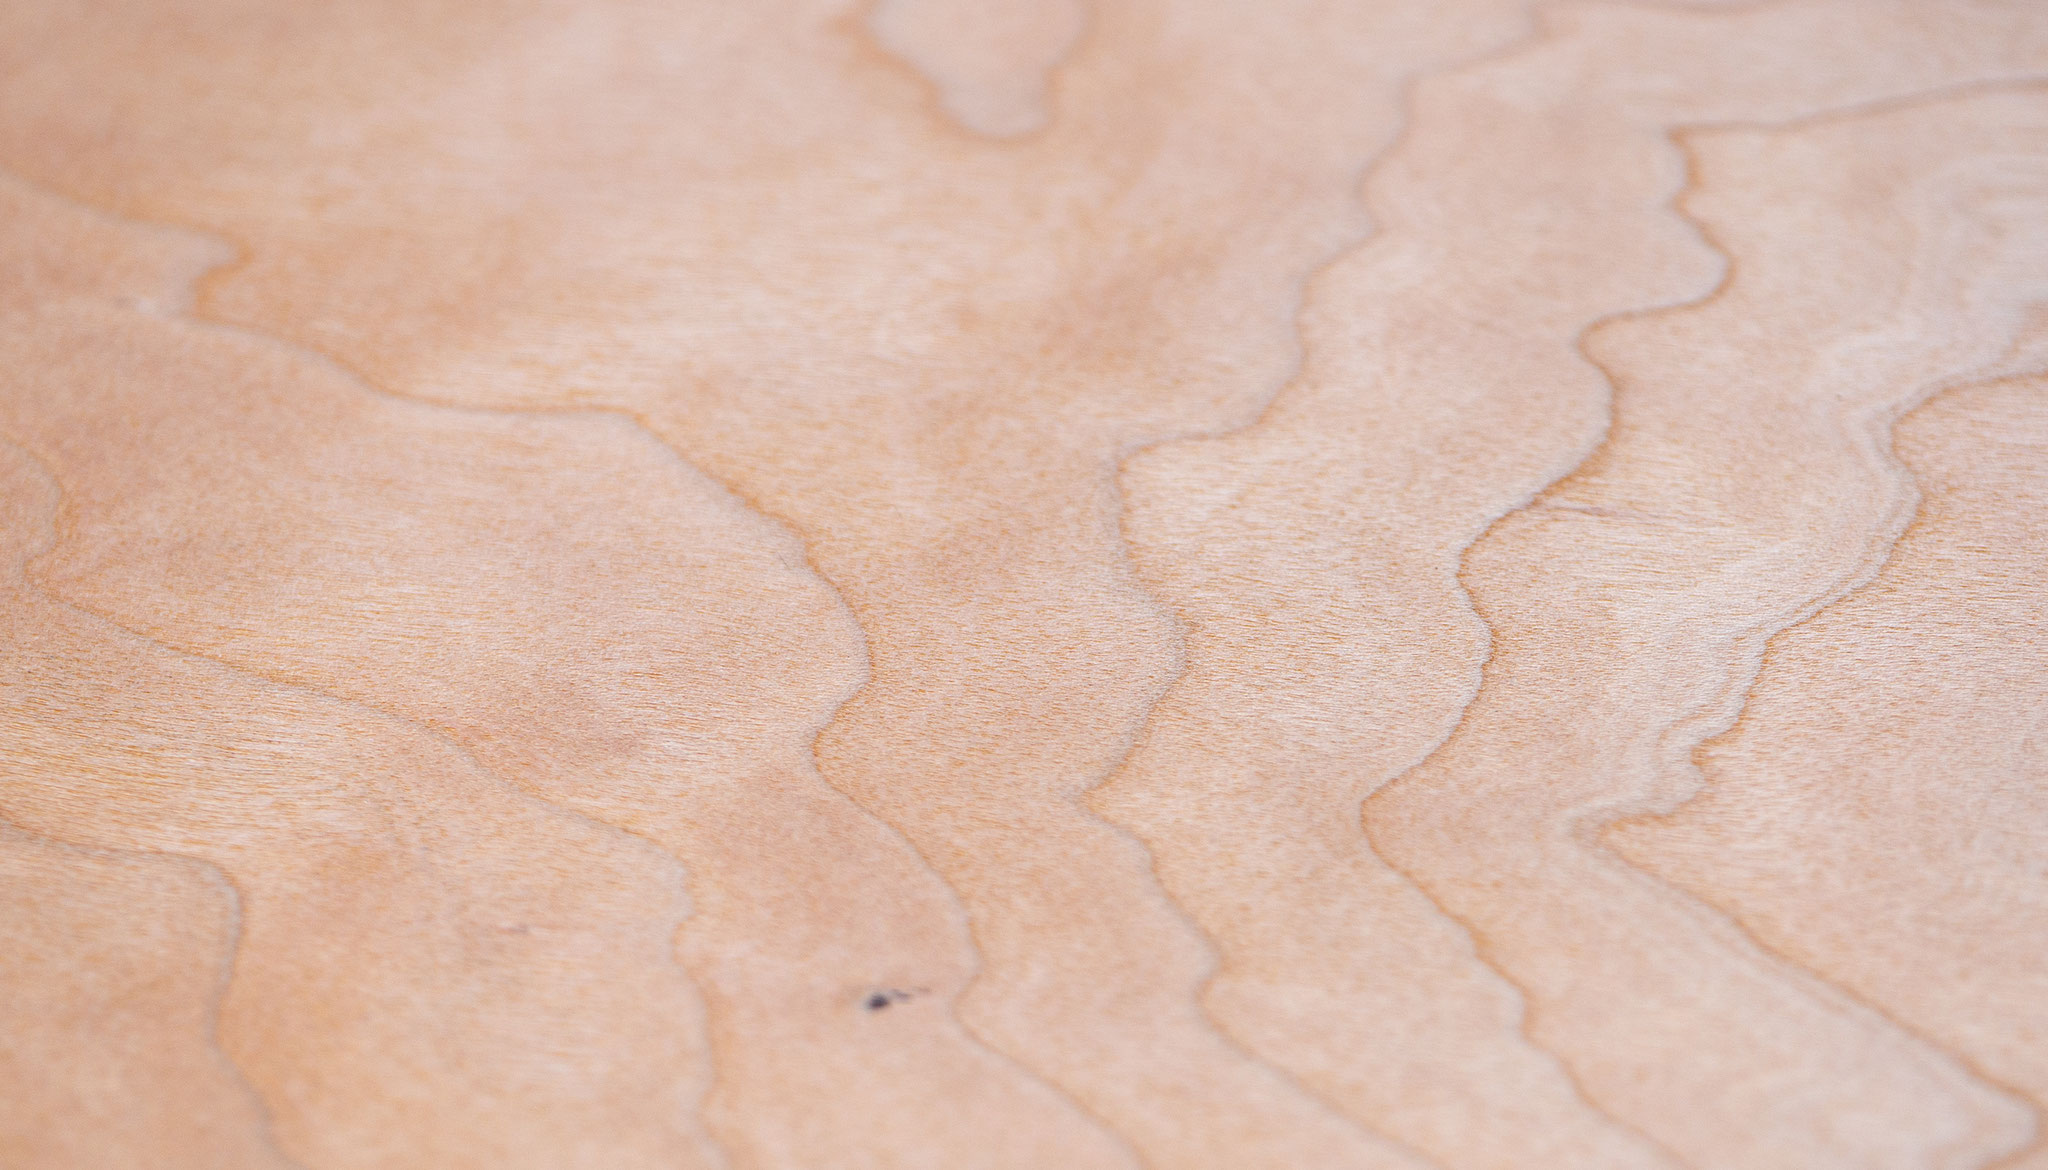 Echtholzfurniere können bedruckt, gelasert und gefalzt werden - ein echtes Multitalent